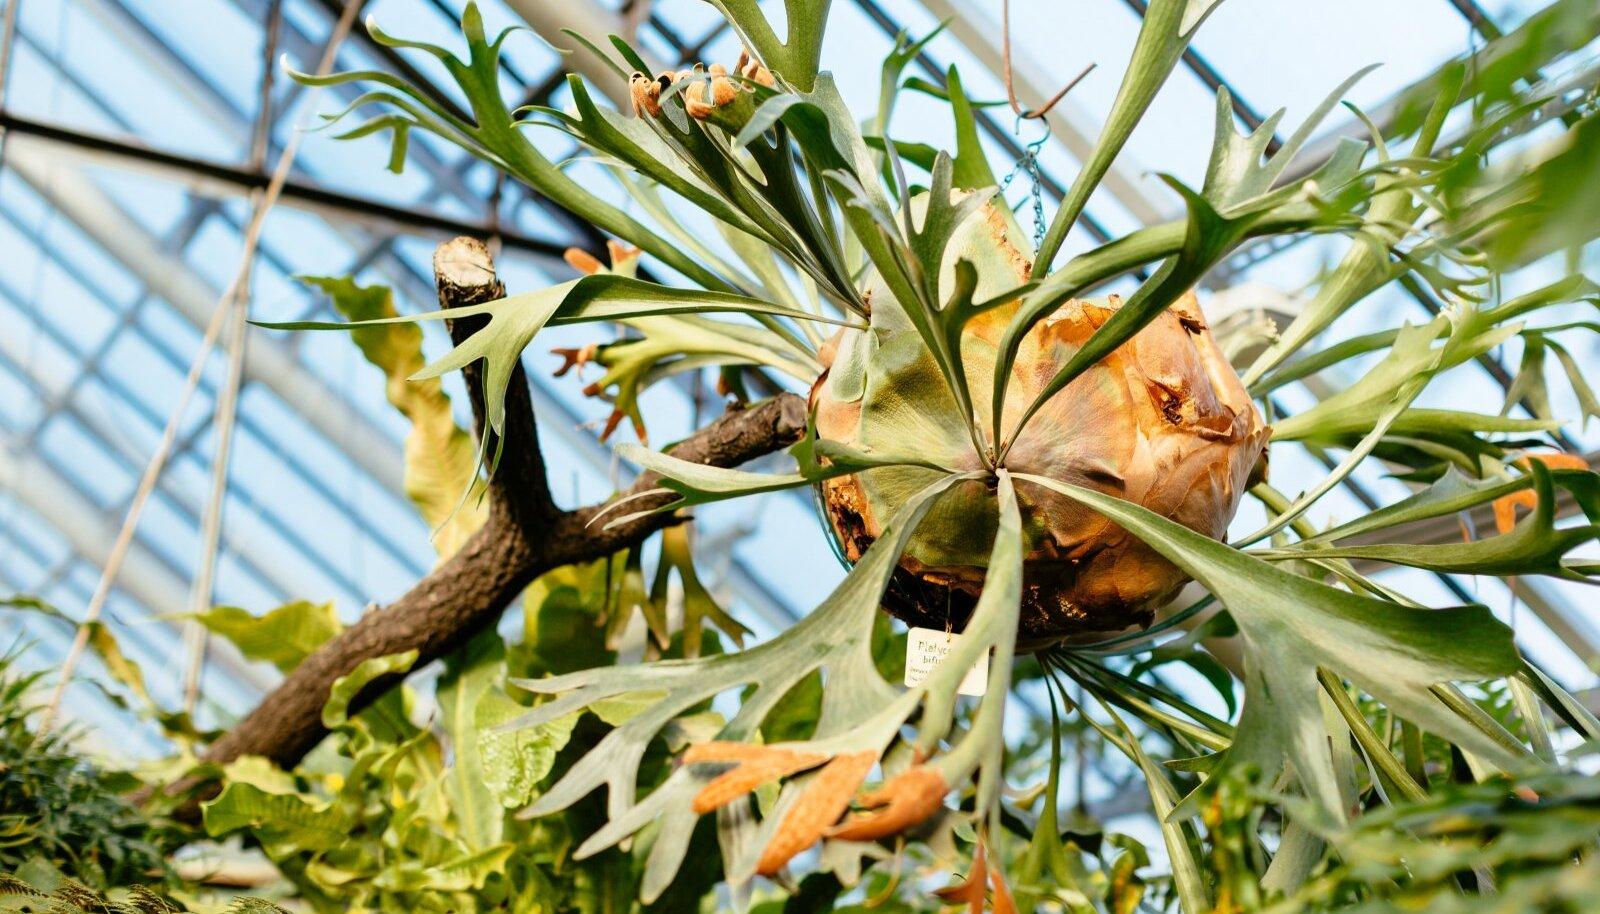 Sarvsõnajalad on looduses kohastunud ise oma kasvusubstraati püüdma ning kui nad esialgu vajavadki potti, siis hilisemas elus võivad ka täiesti ilma selleta hakkama saada.